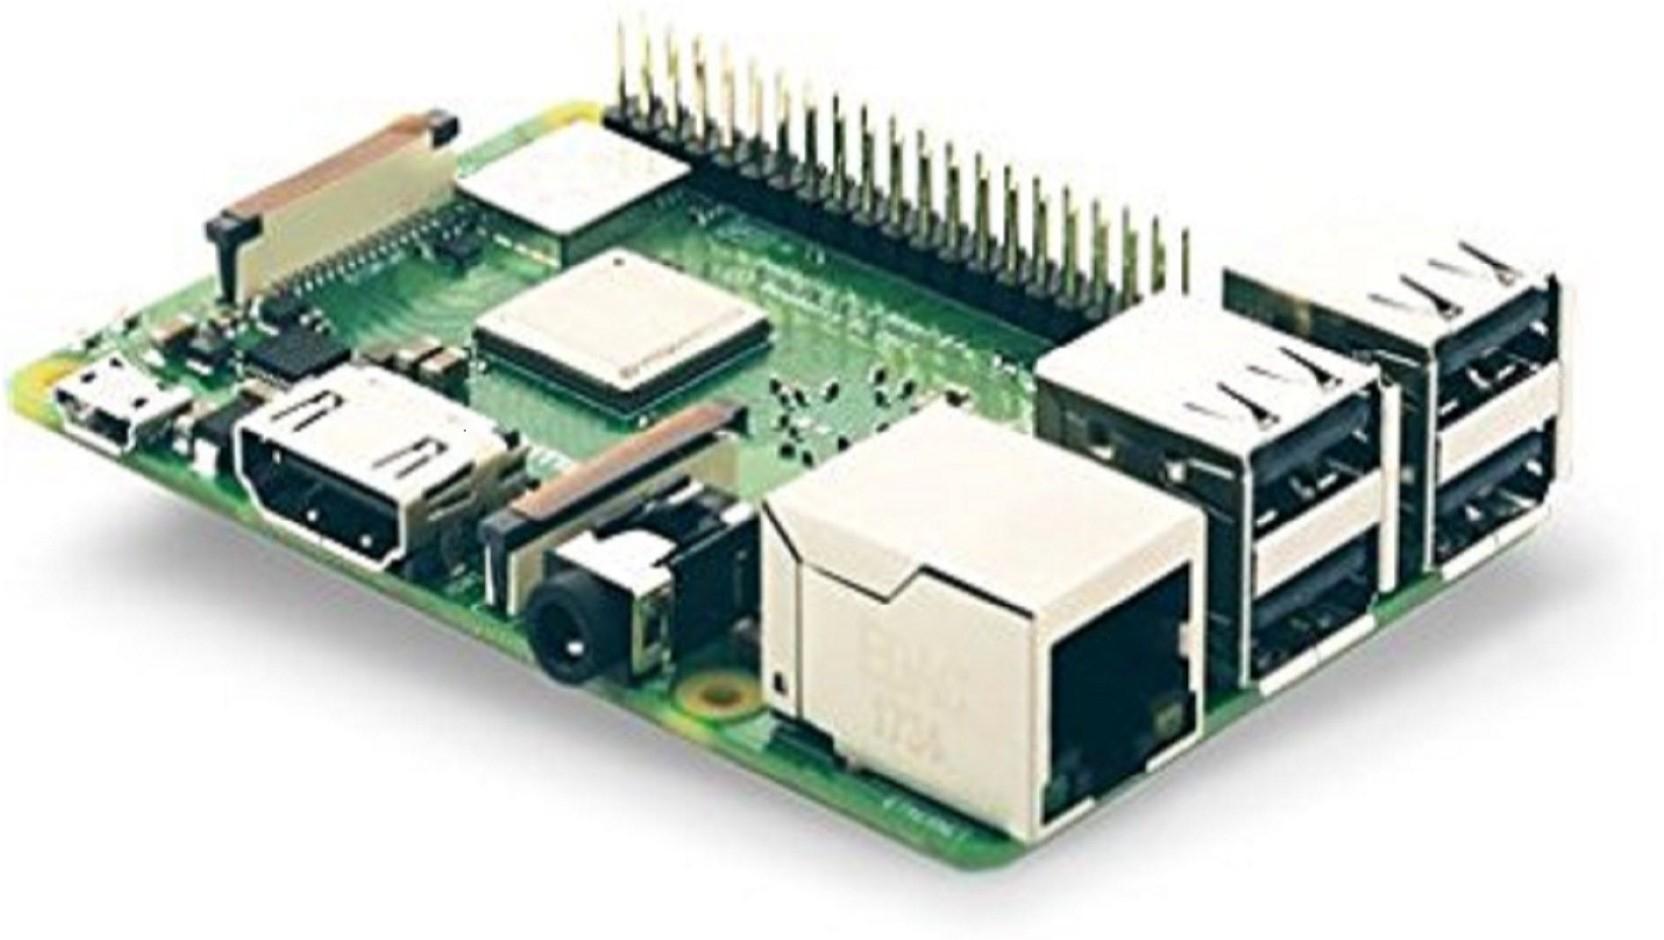 Carte de Développement Raspberry Pi 3 Modèle B+ (Vendeur tiers, expédié par Amazon)